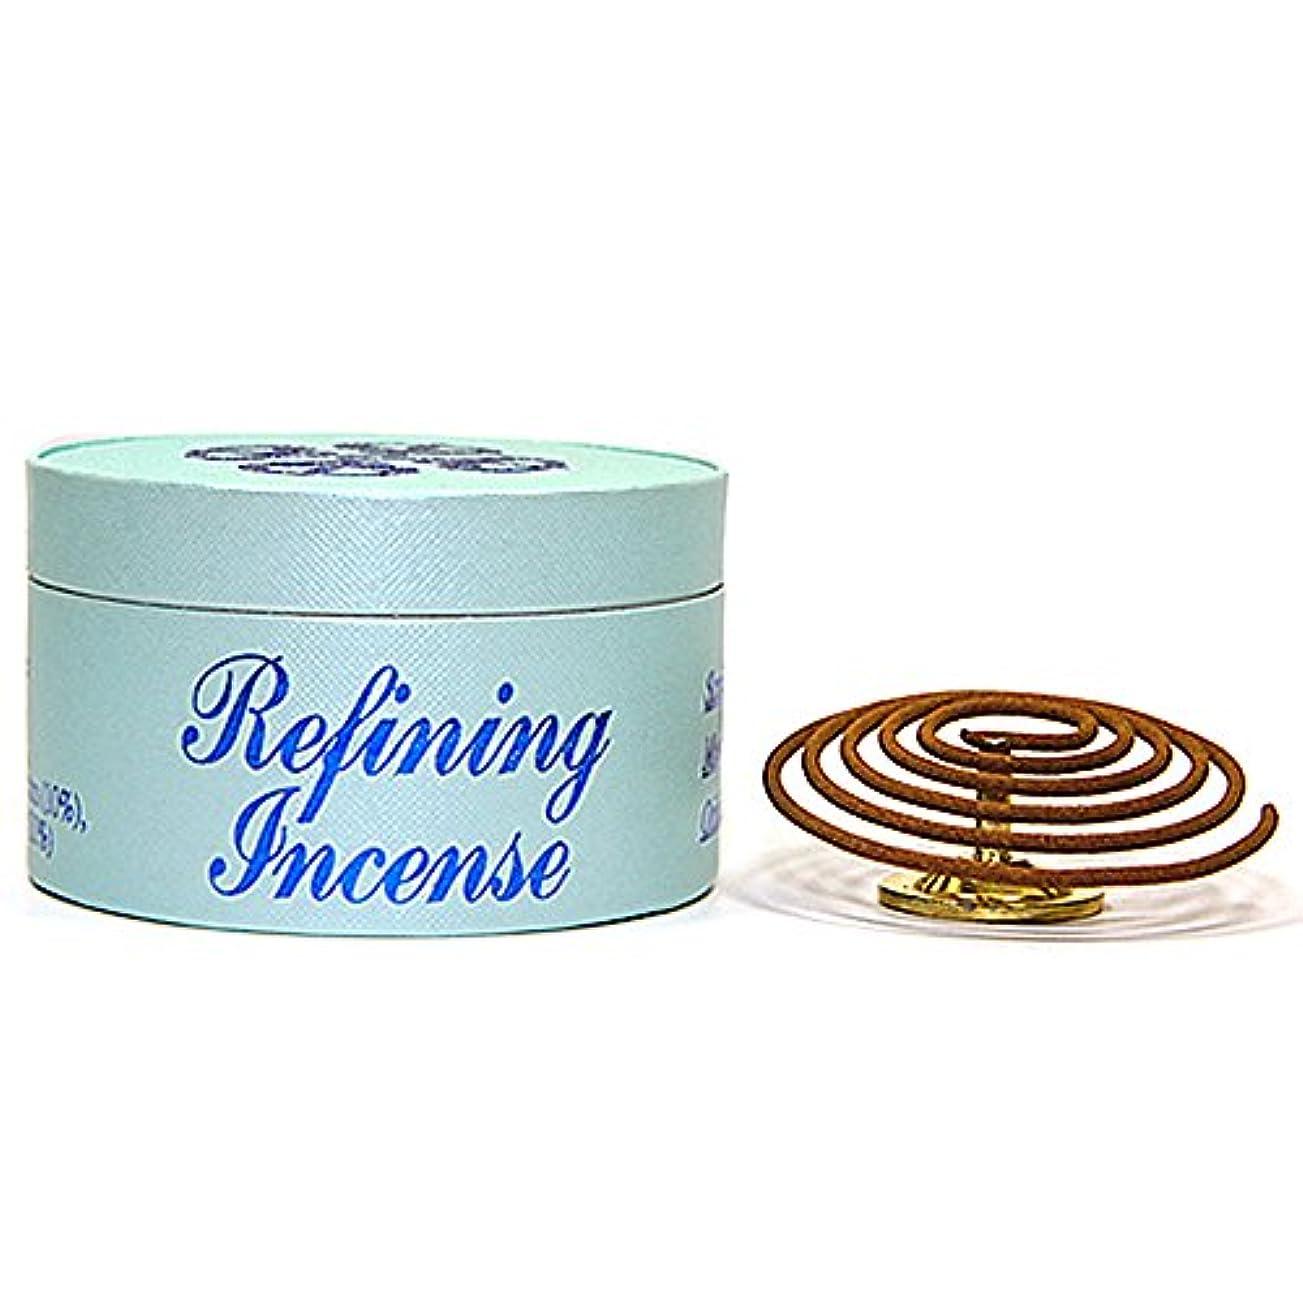 ボトルネック咳花Refining Incense – 24 Pieces 4-hour Incenseコイル – 100 % Natural – i003s